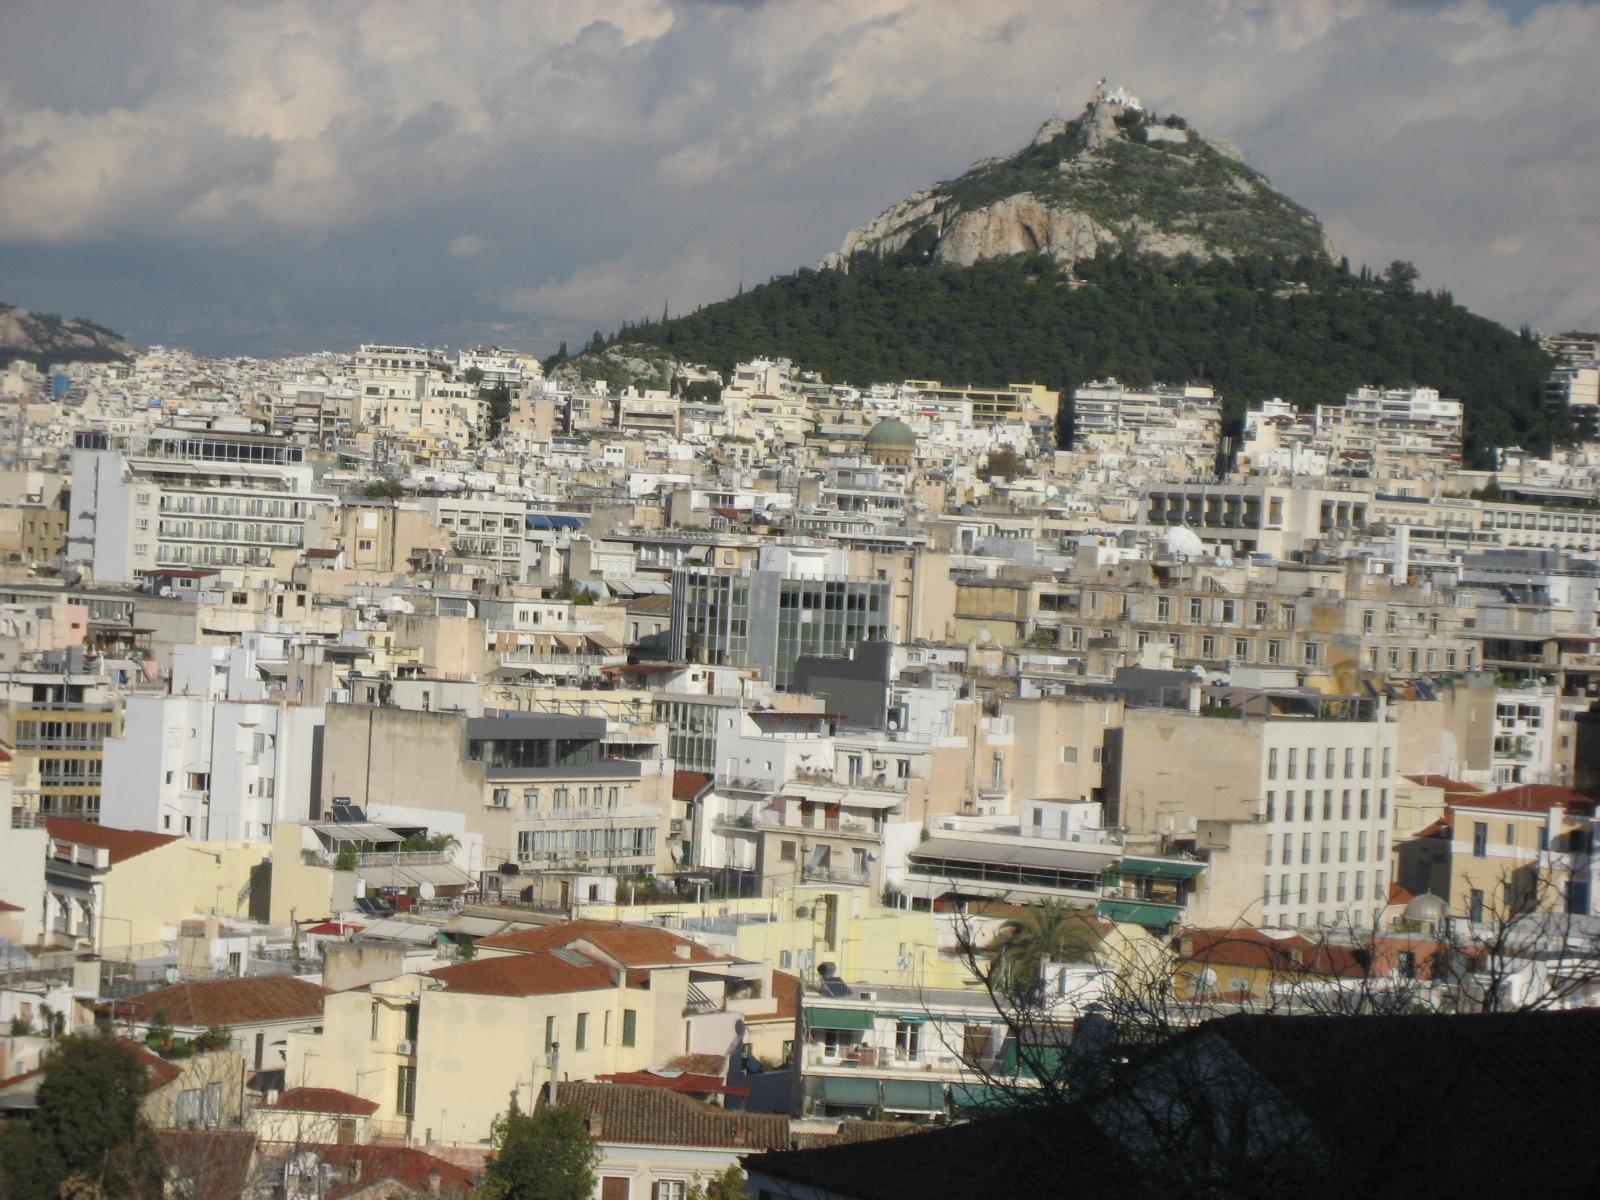 Калимера, Эллада! Афины. Связь времён, смешение стилей